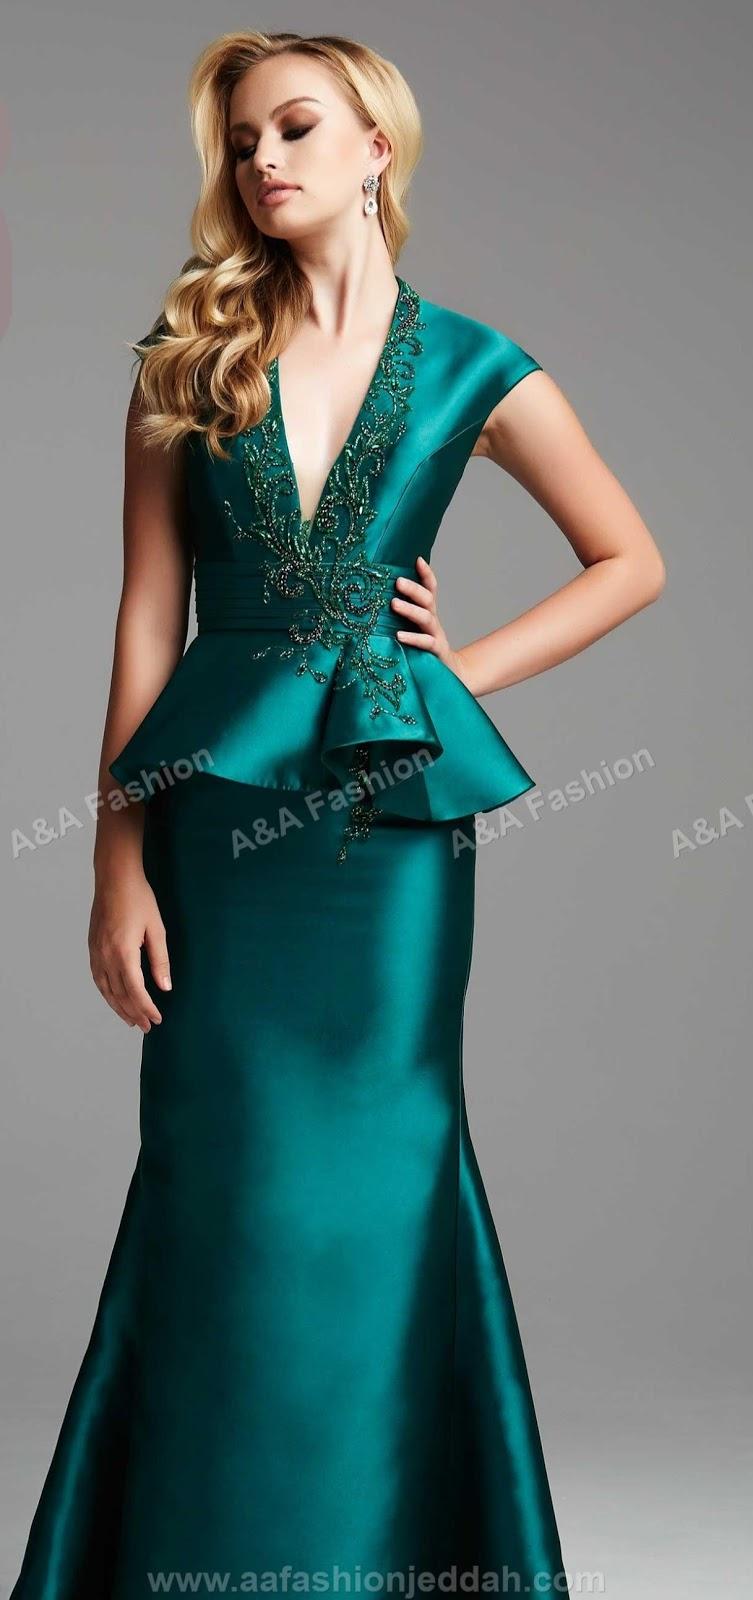 Evening Dresses | A&A Fashion Boutique Jeddah